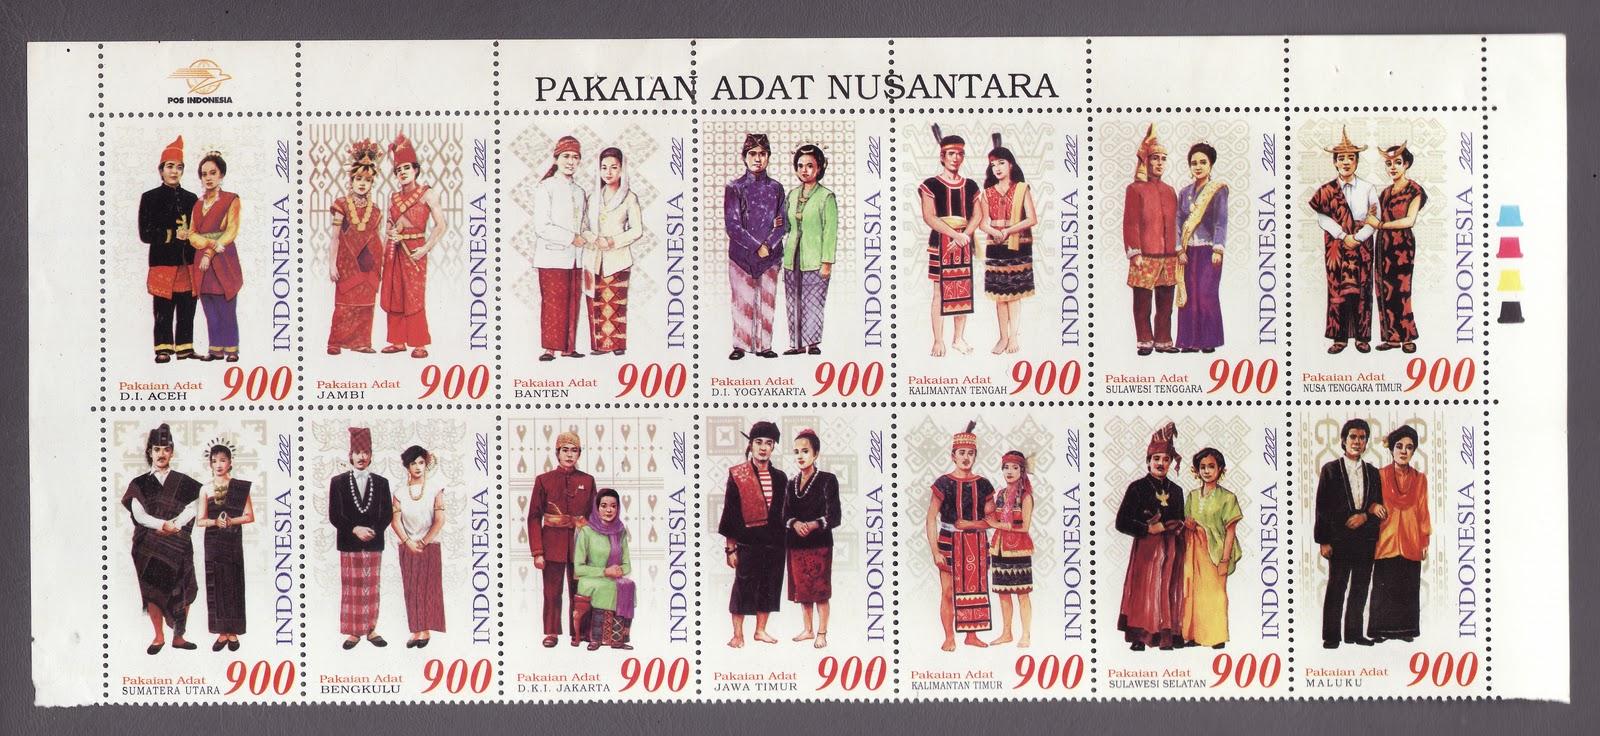 34 Provinsi Pakaian Adat Indonesia Beserta Asalnya